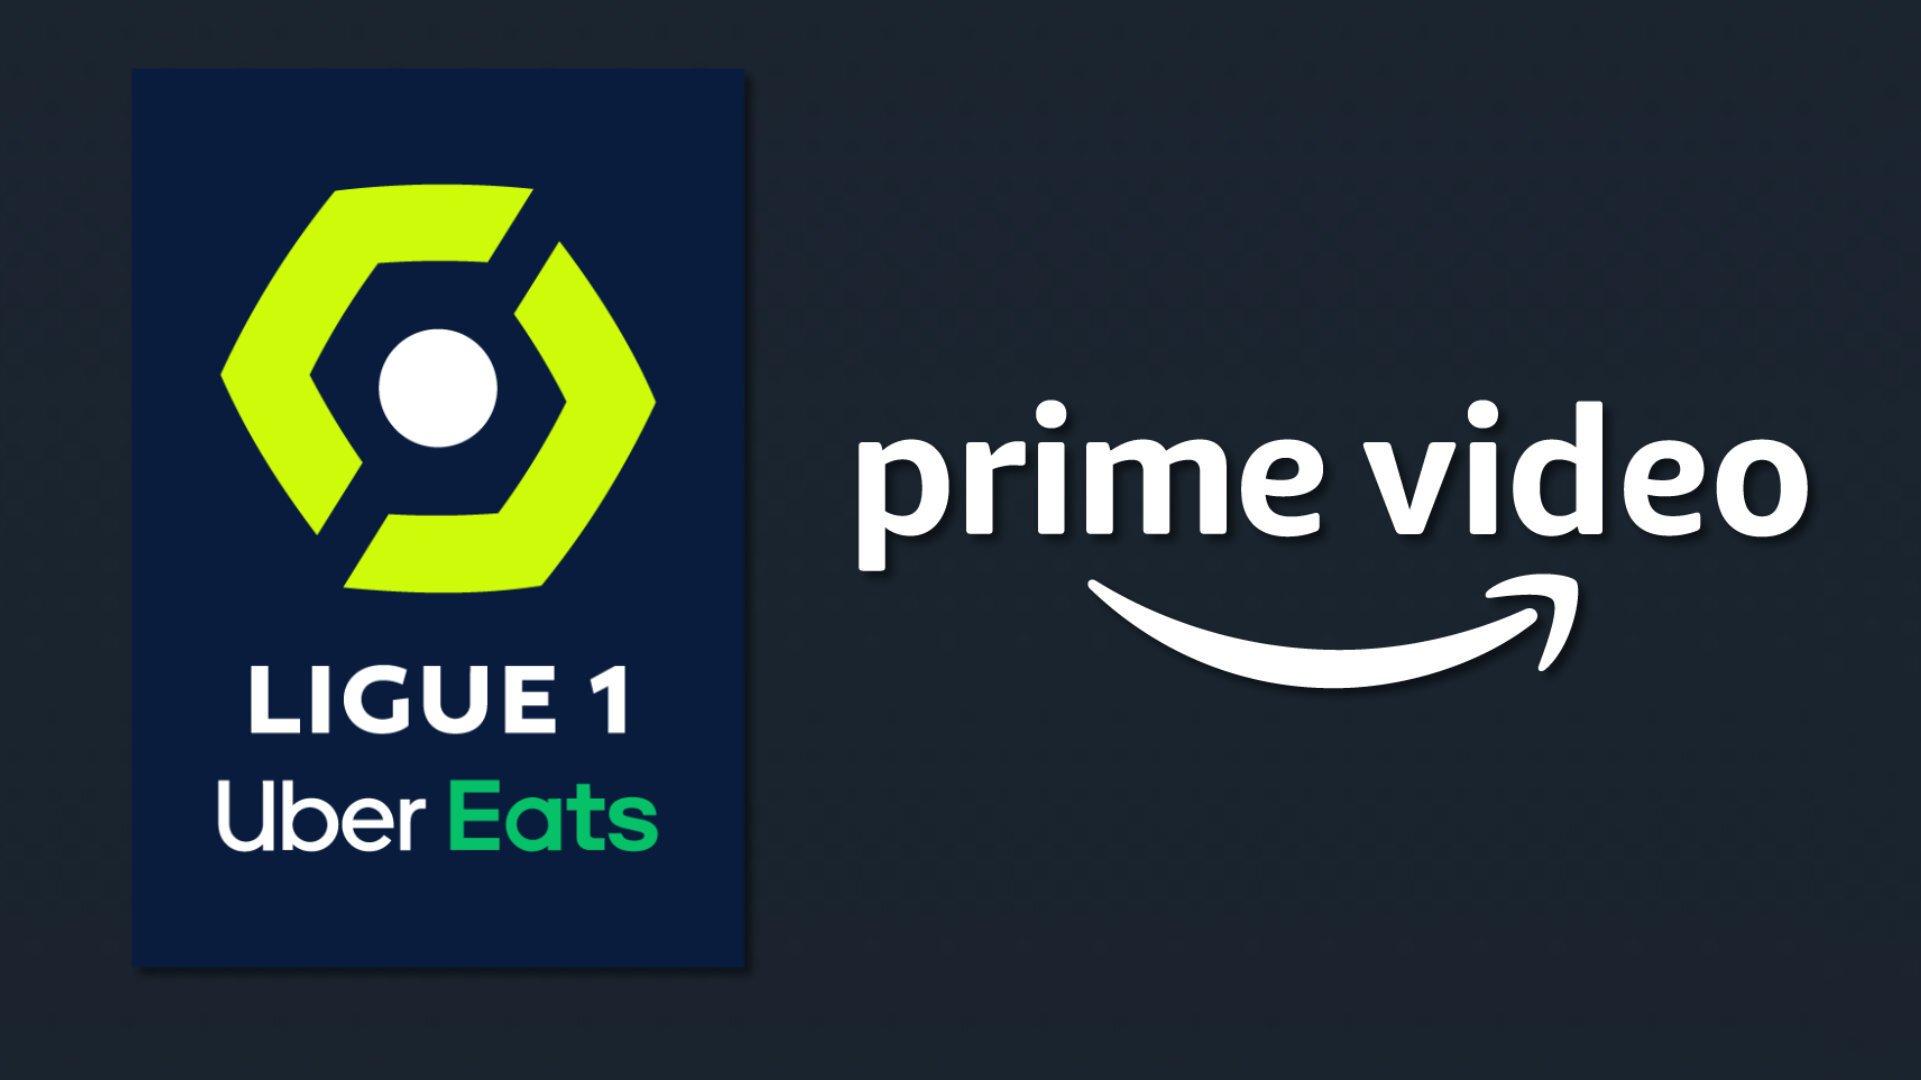 IPTVFRPRO : Comment regarder gratuitement les match sur Amazon Prime Video?